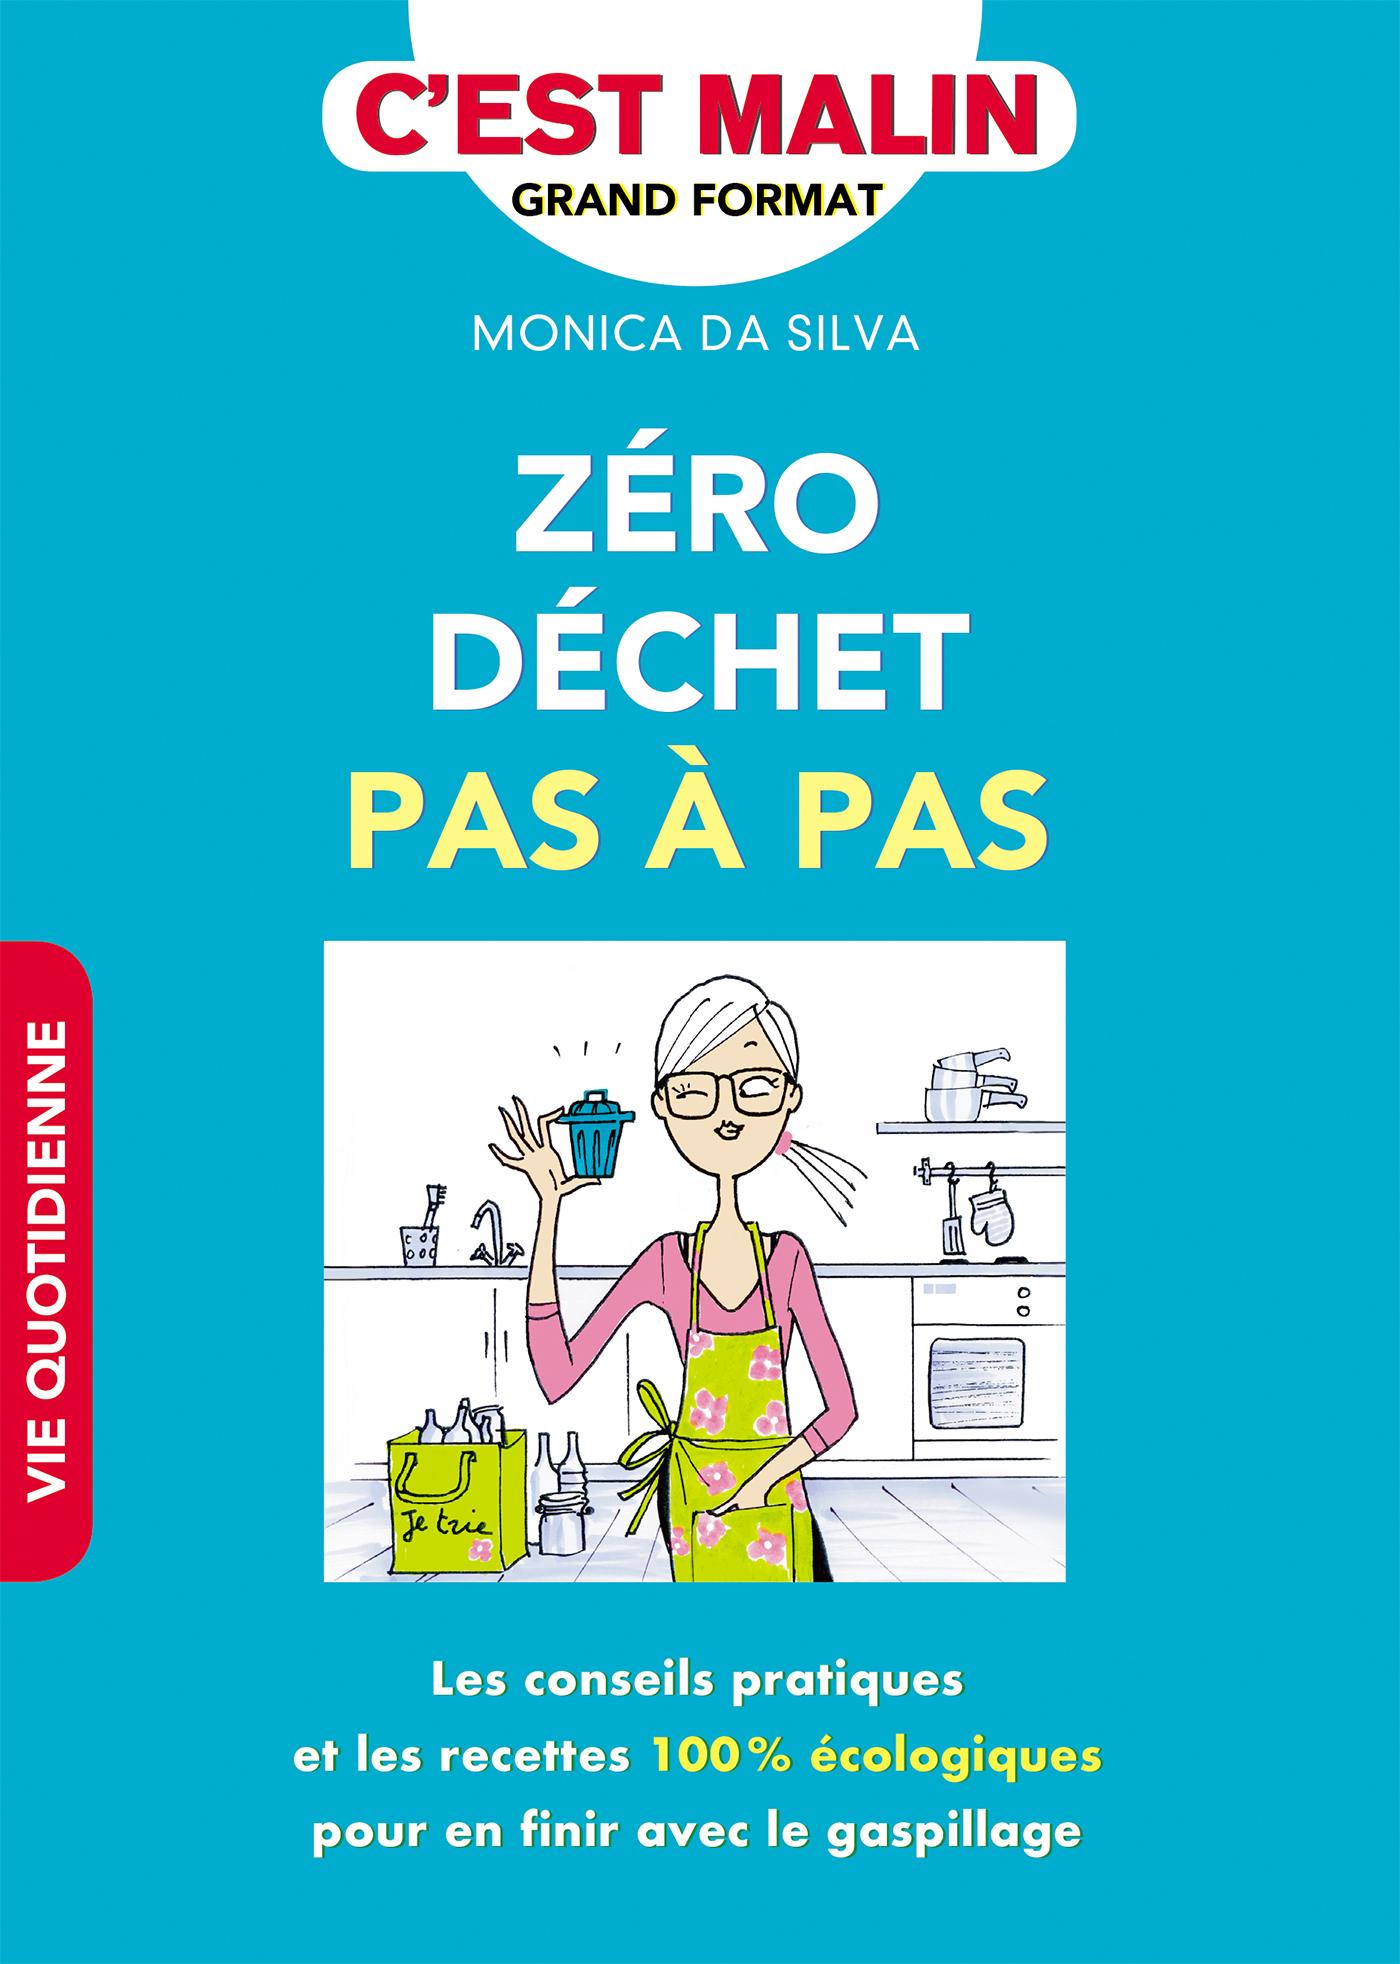 Livres Zero Dechet Selection Pour Changer De Mode De Vie